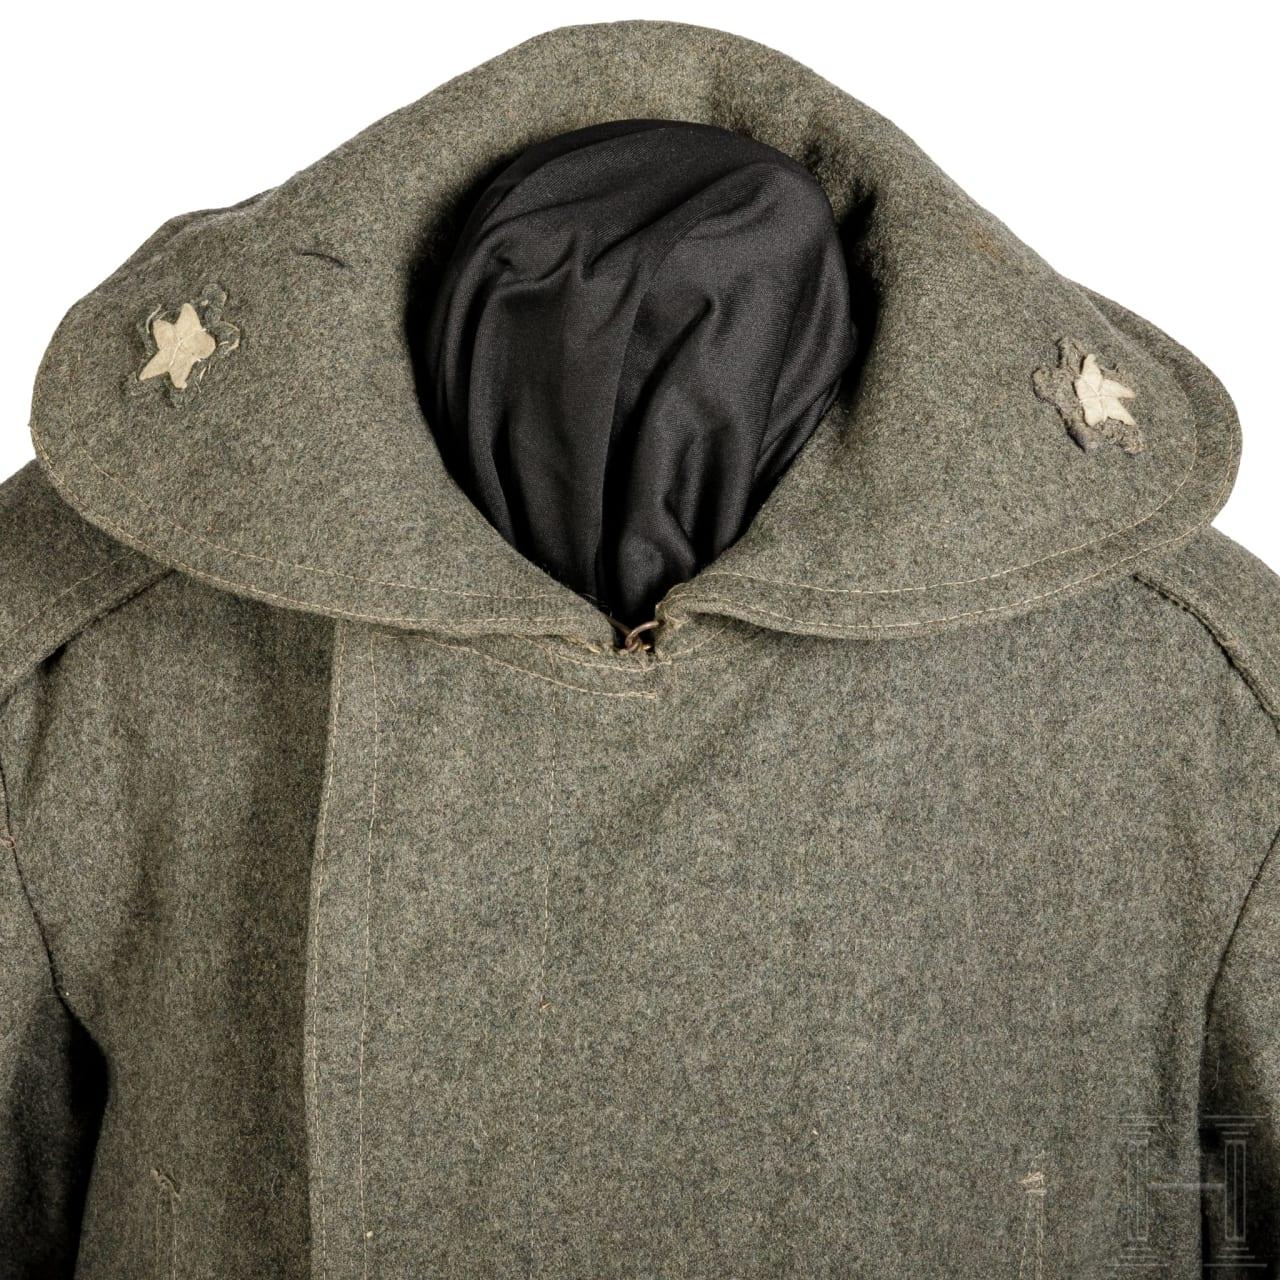 Mantel für italienische Soldaten im 1. Weltkrieg